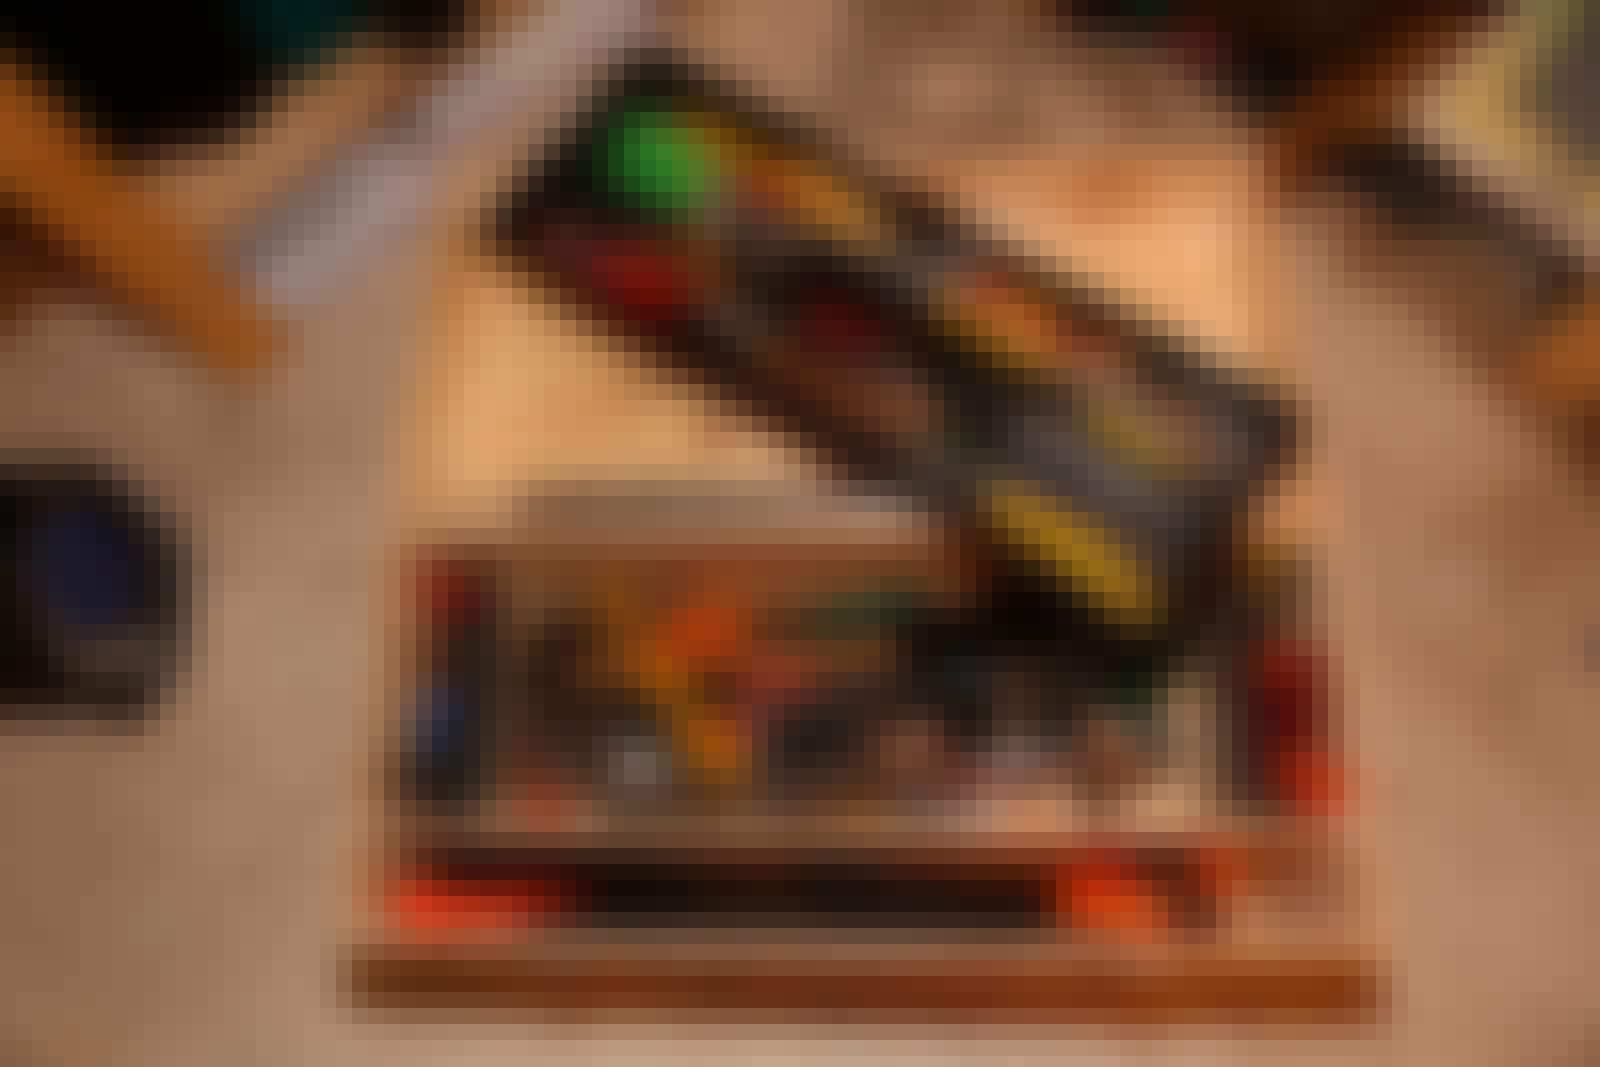 Værktøjskasse træ: Værktøjskassen i træ er stor og rummelig og med plads til det meste.